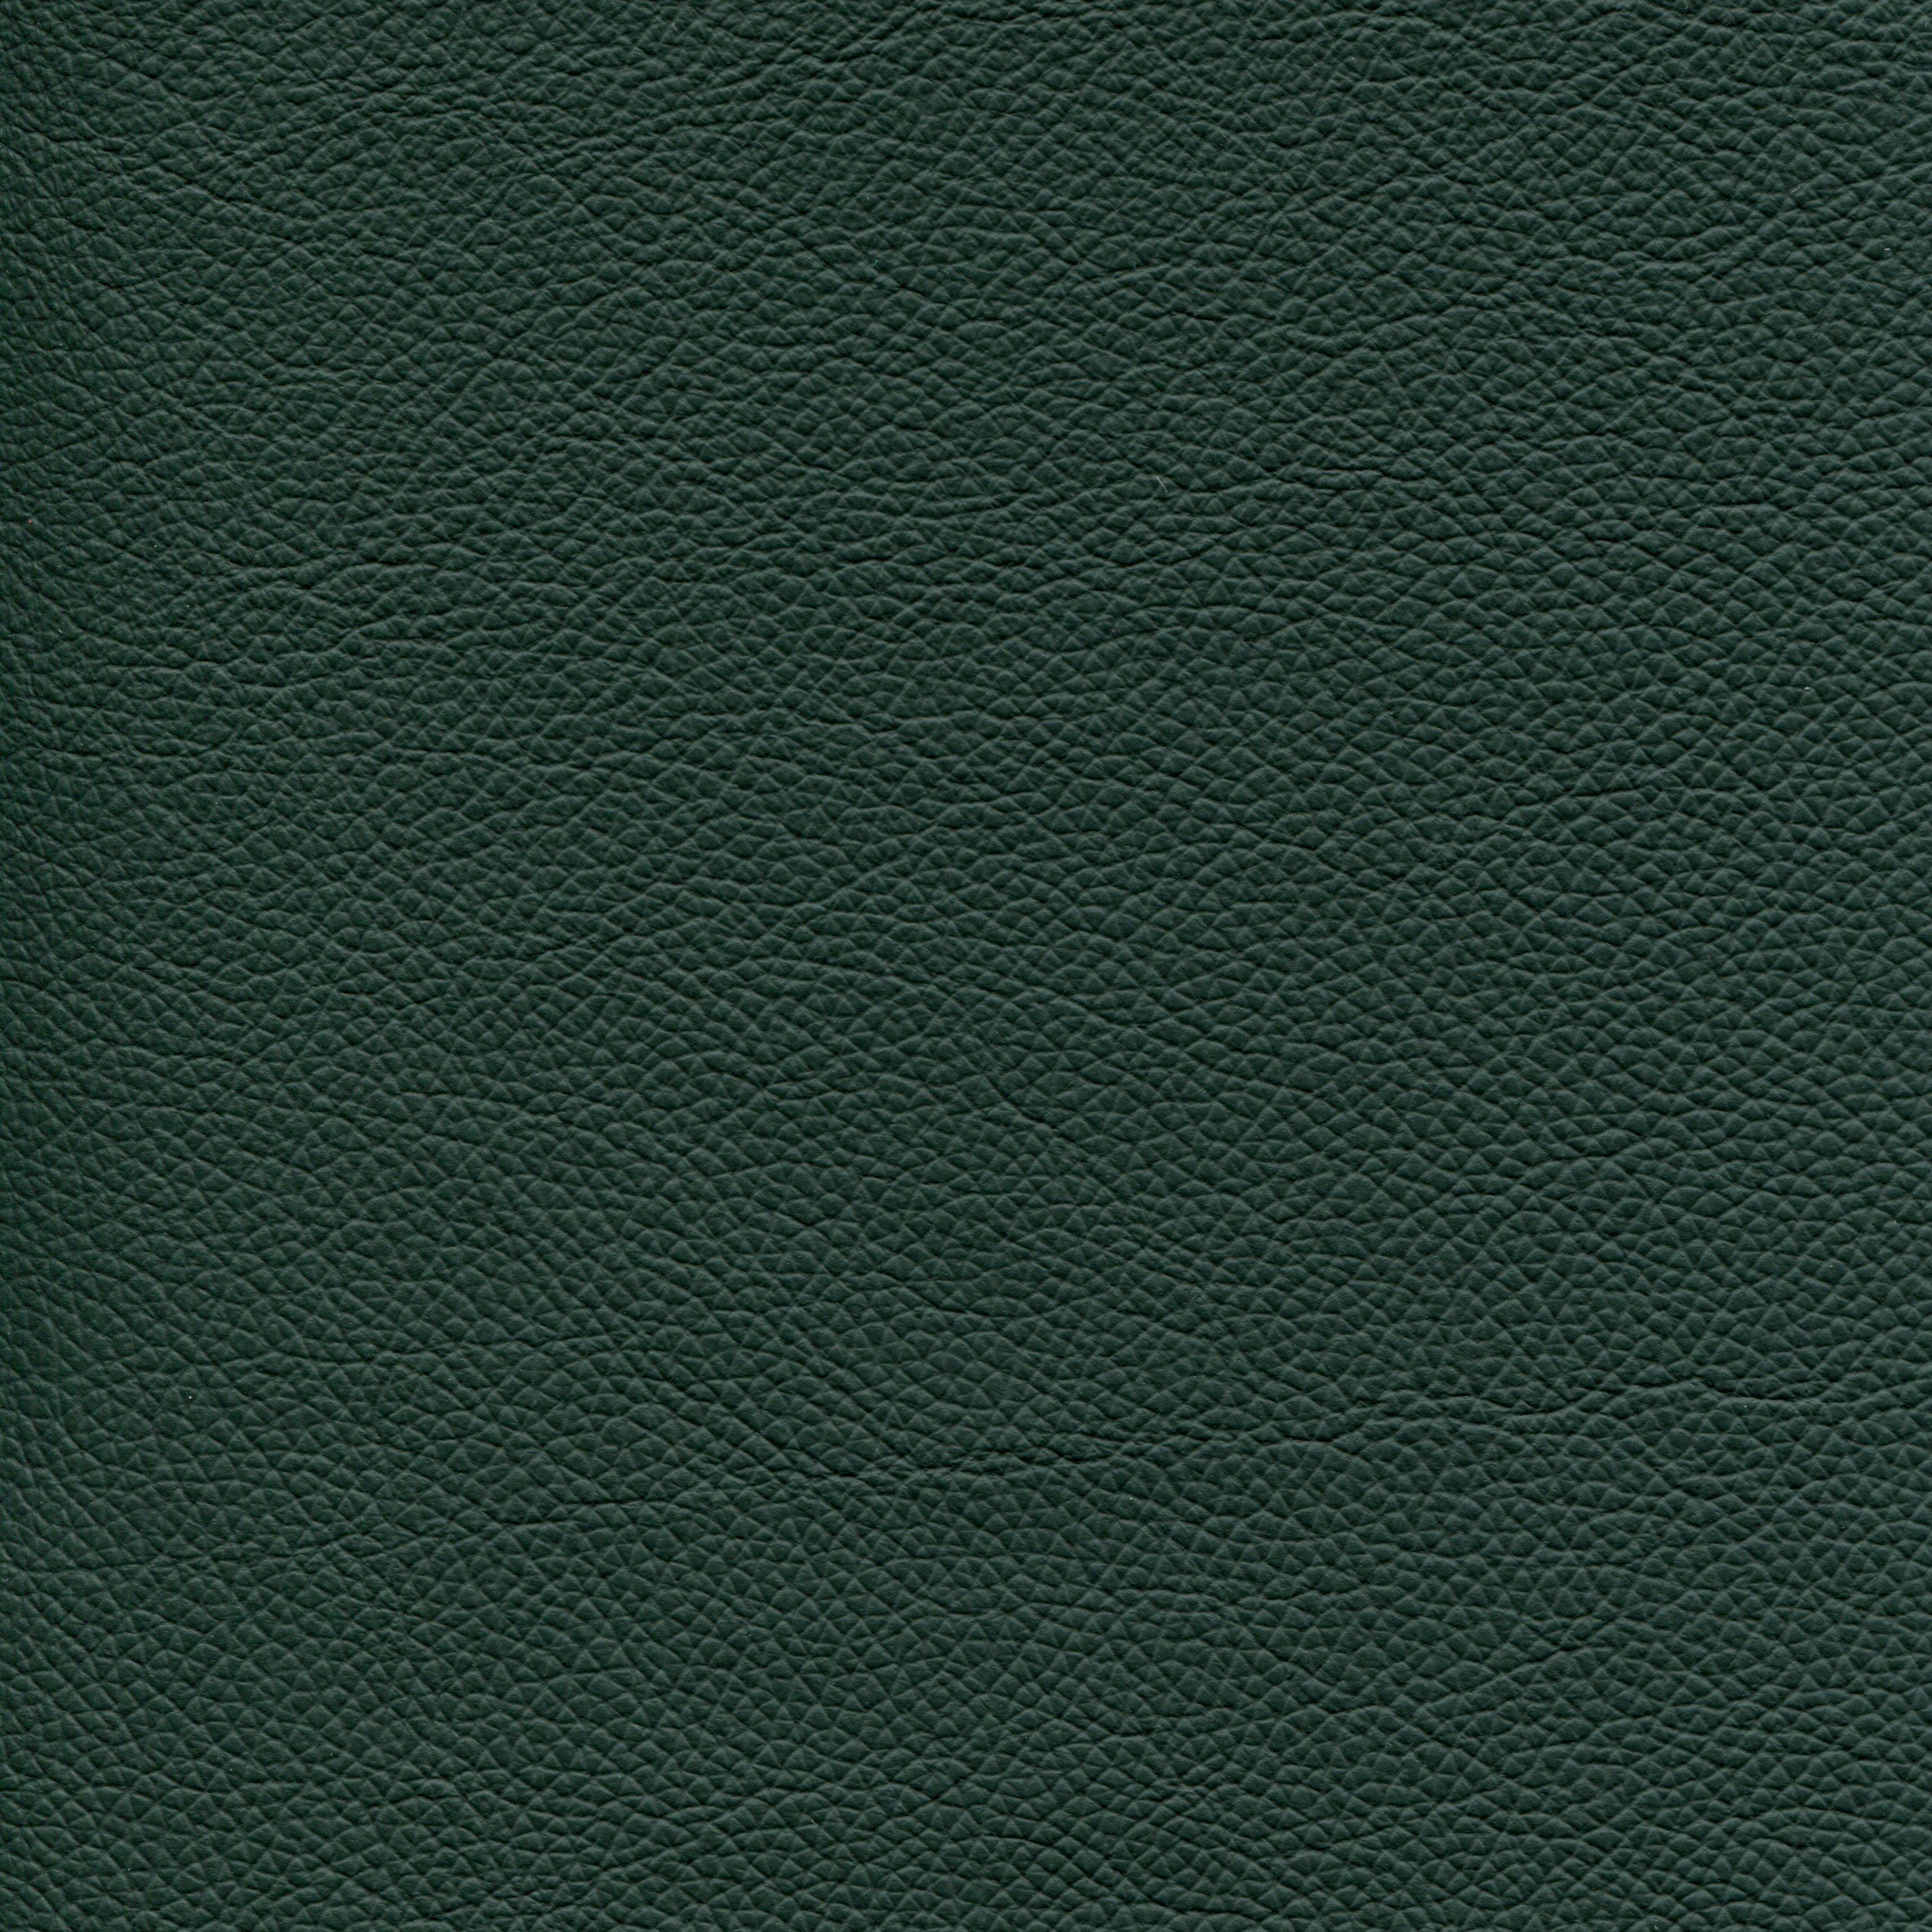 vert LE425